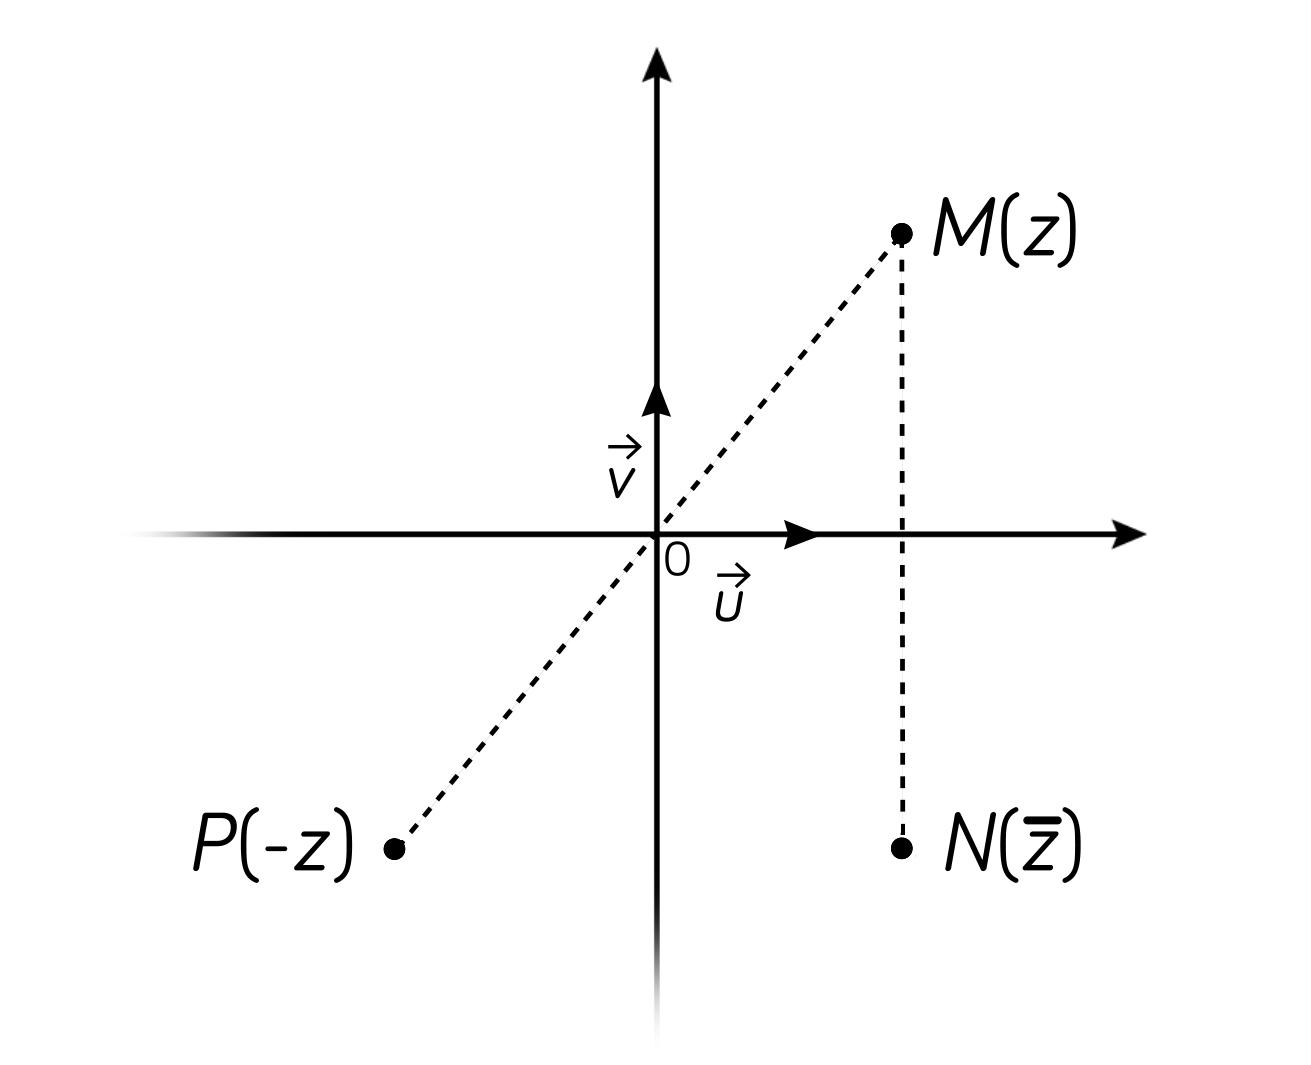 Représentation de nombres complexes exemple - maths - tle